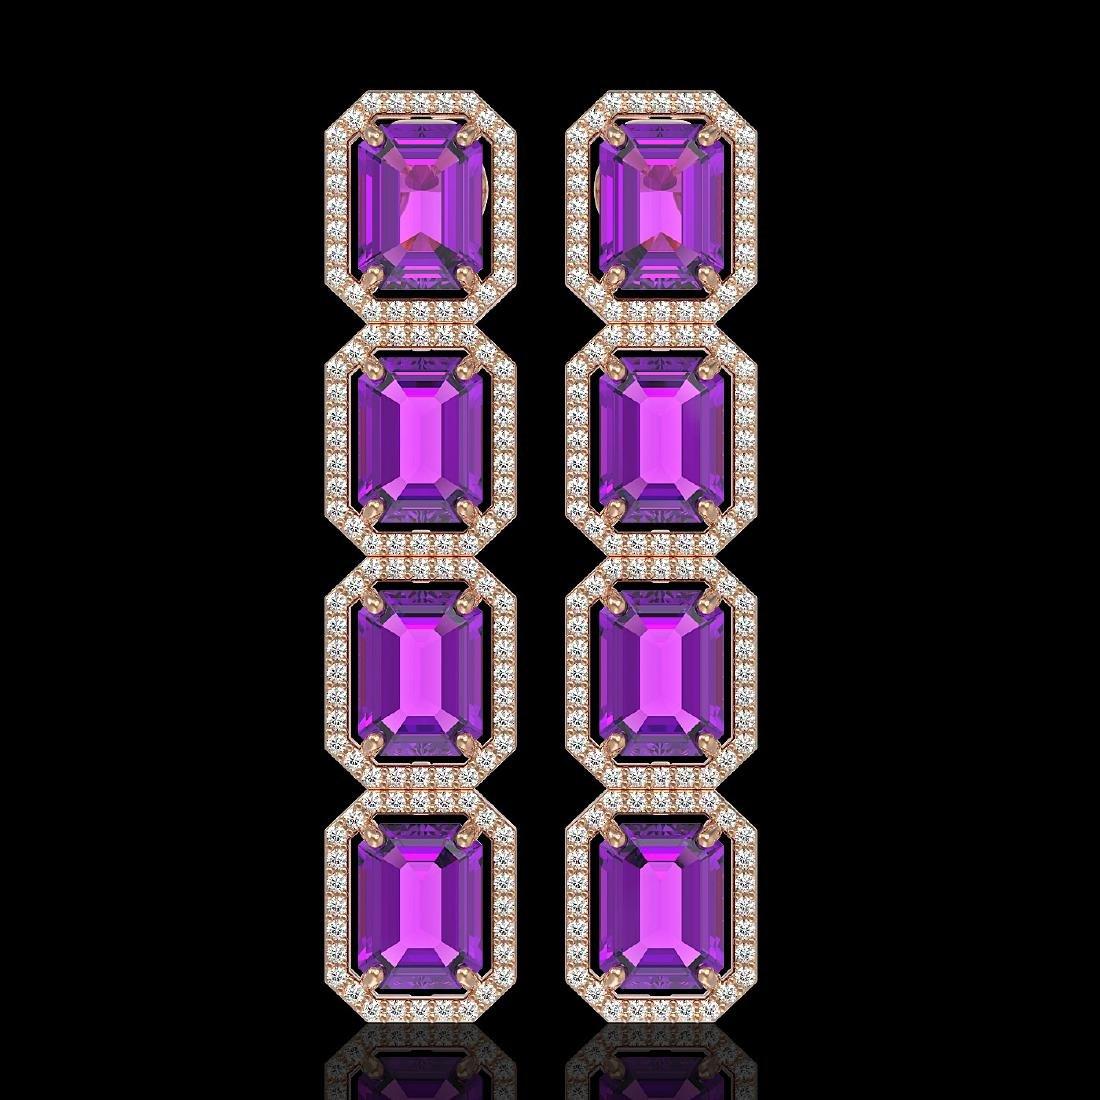 18.59 CTW Amethyst & Diamond Halo Earrings 10K Rose